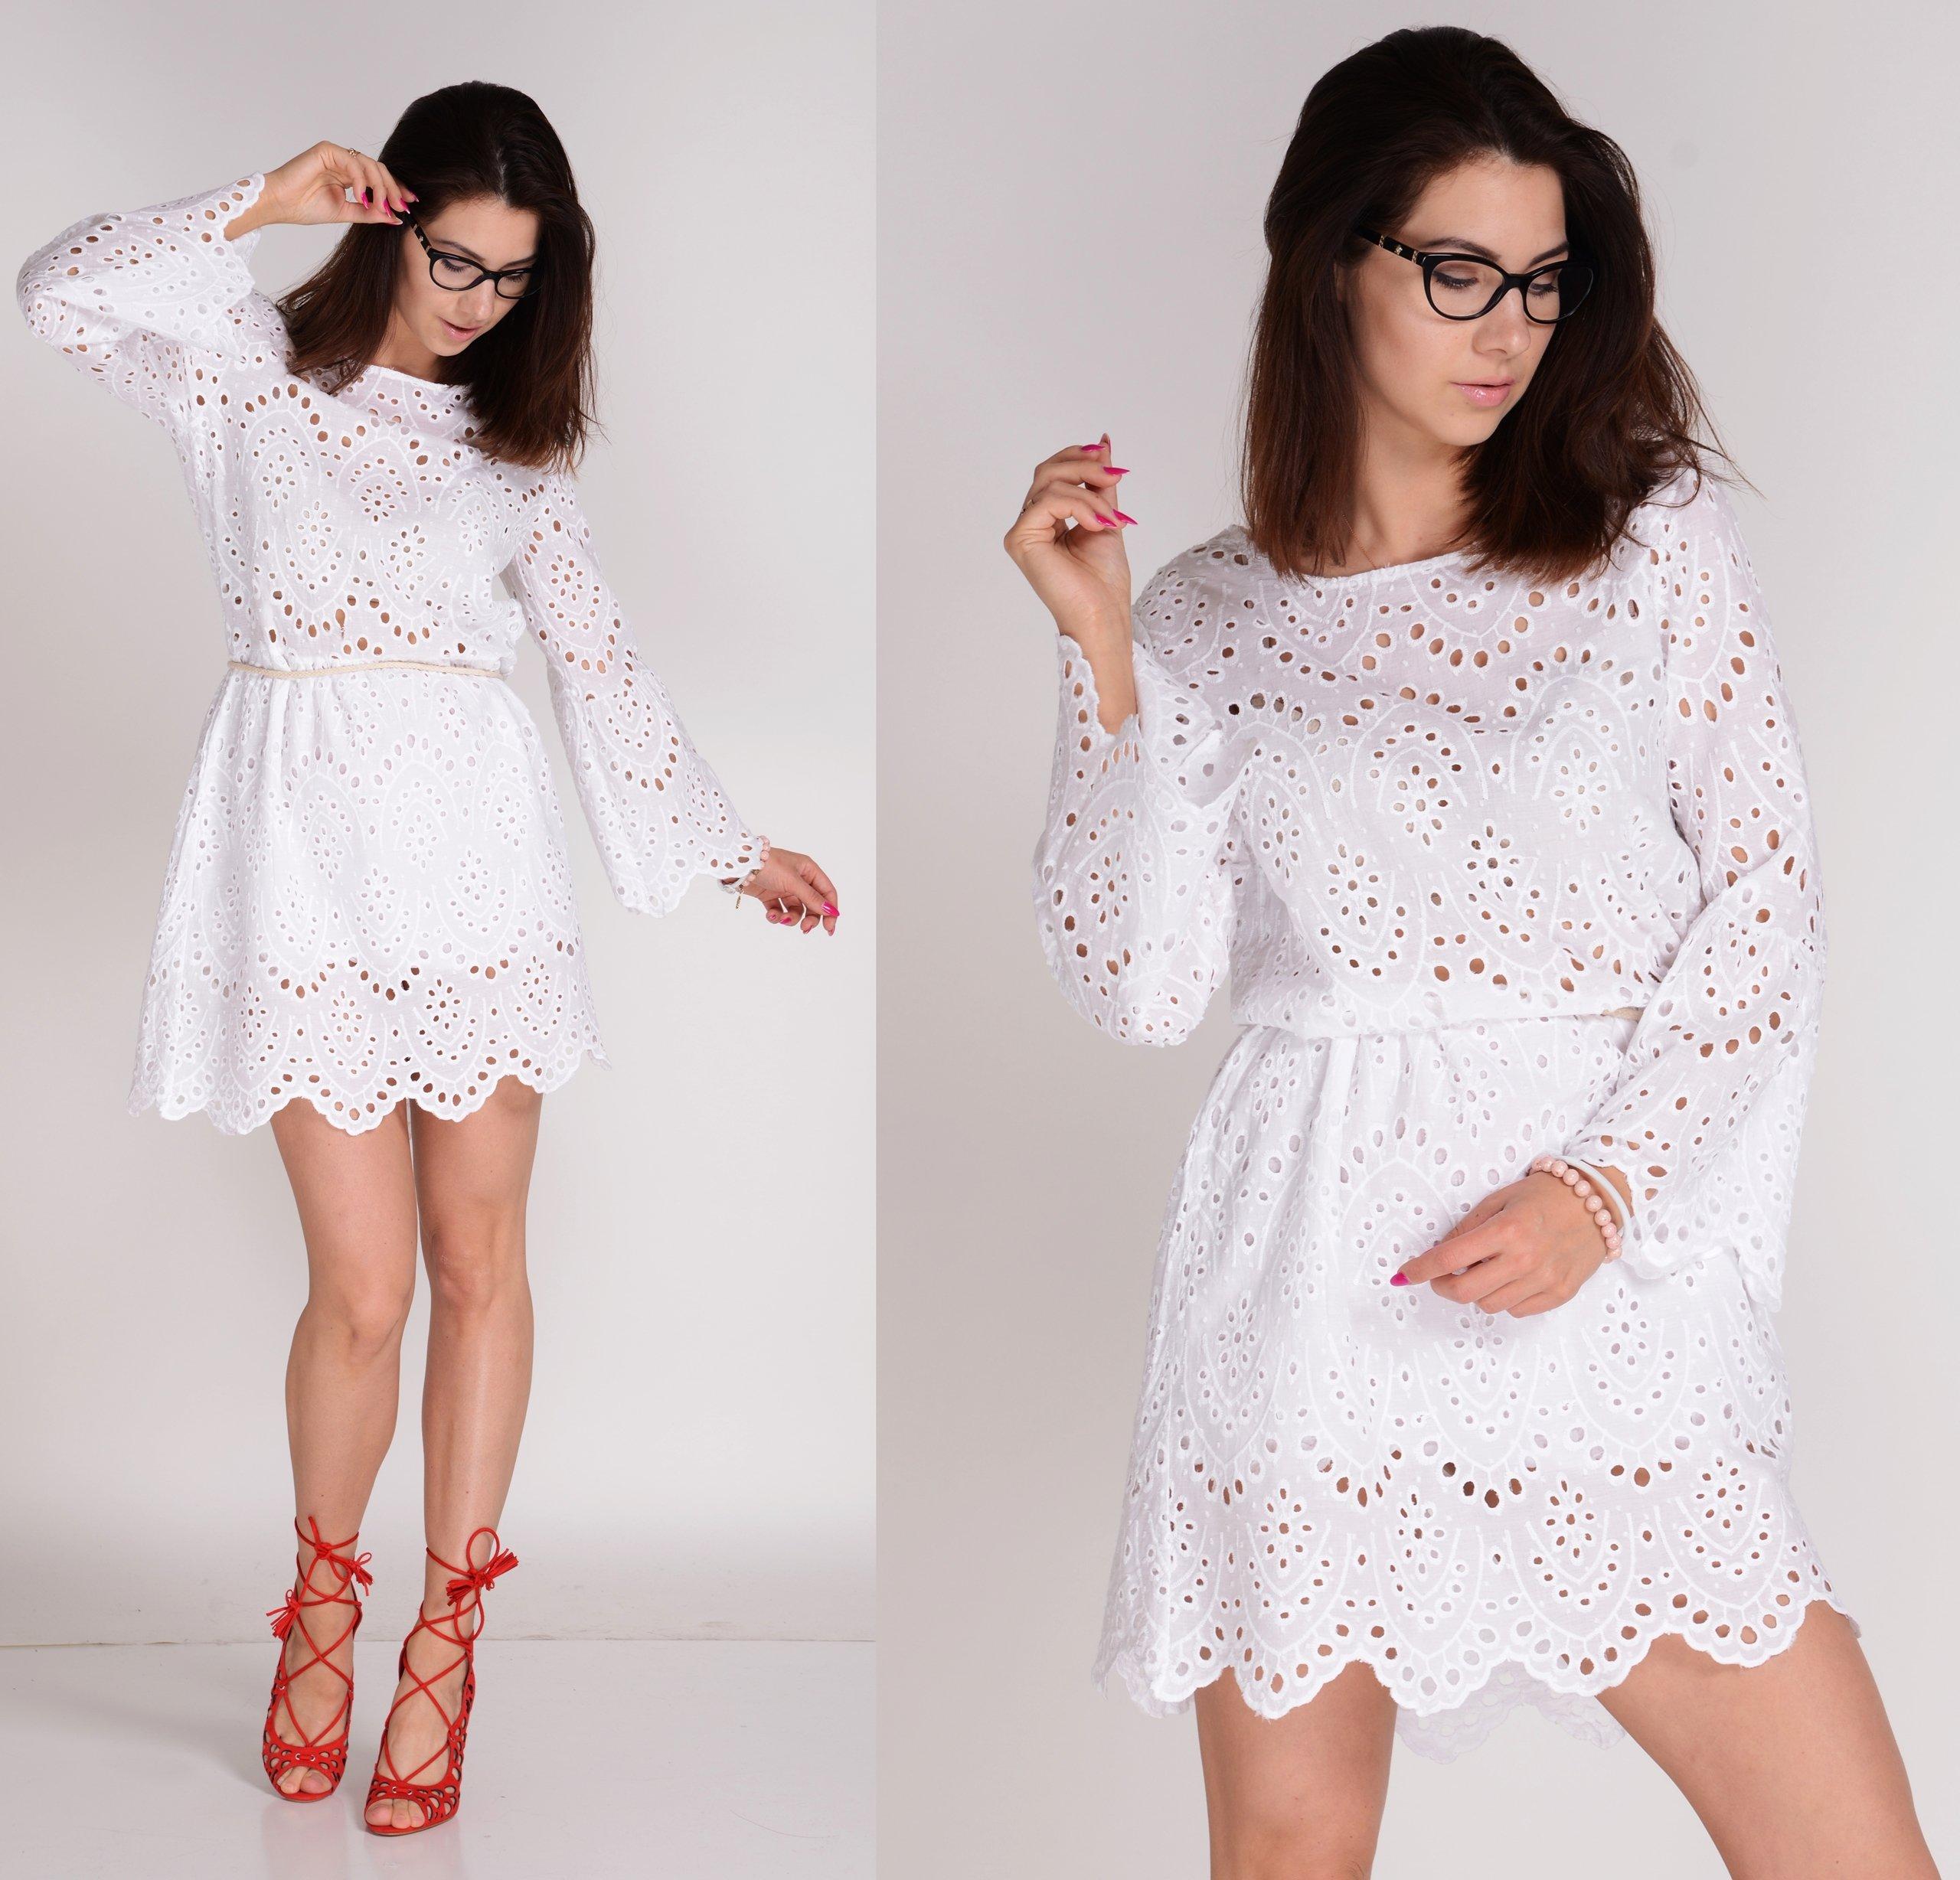 b0b96216 Włoska Sukienka BOHO biała ażurowa koronka UNI - 7412095469 ...